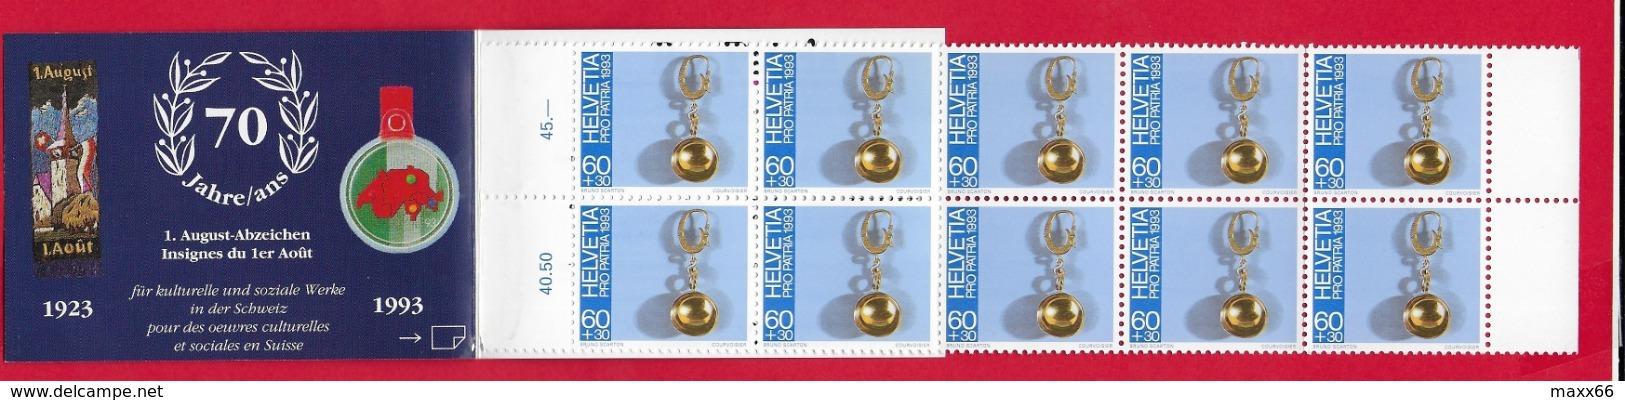 LIBRETTO SVIZZERA MNH - PRO PATRIA 1993 - 10 X 60 + 30 Cent. - Pro Patria